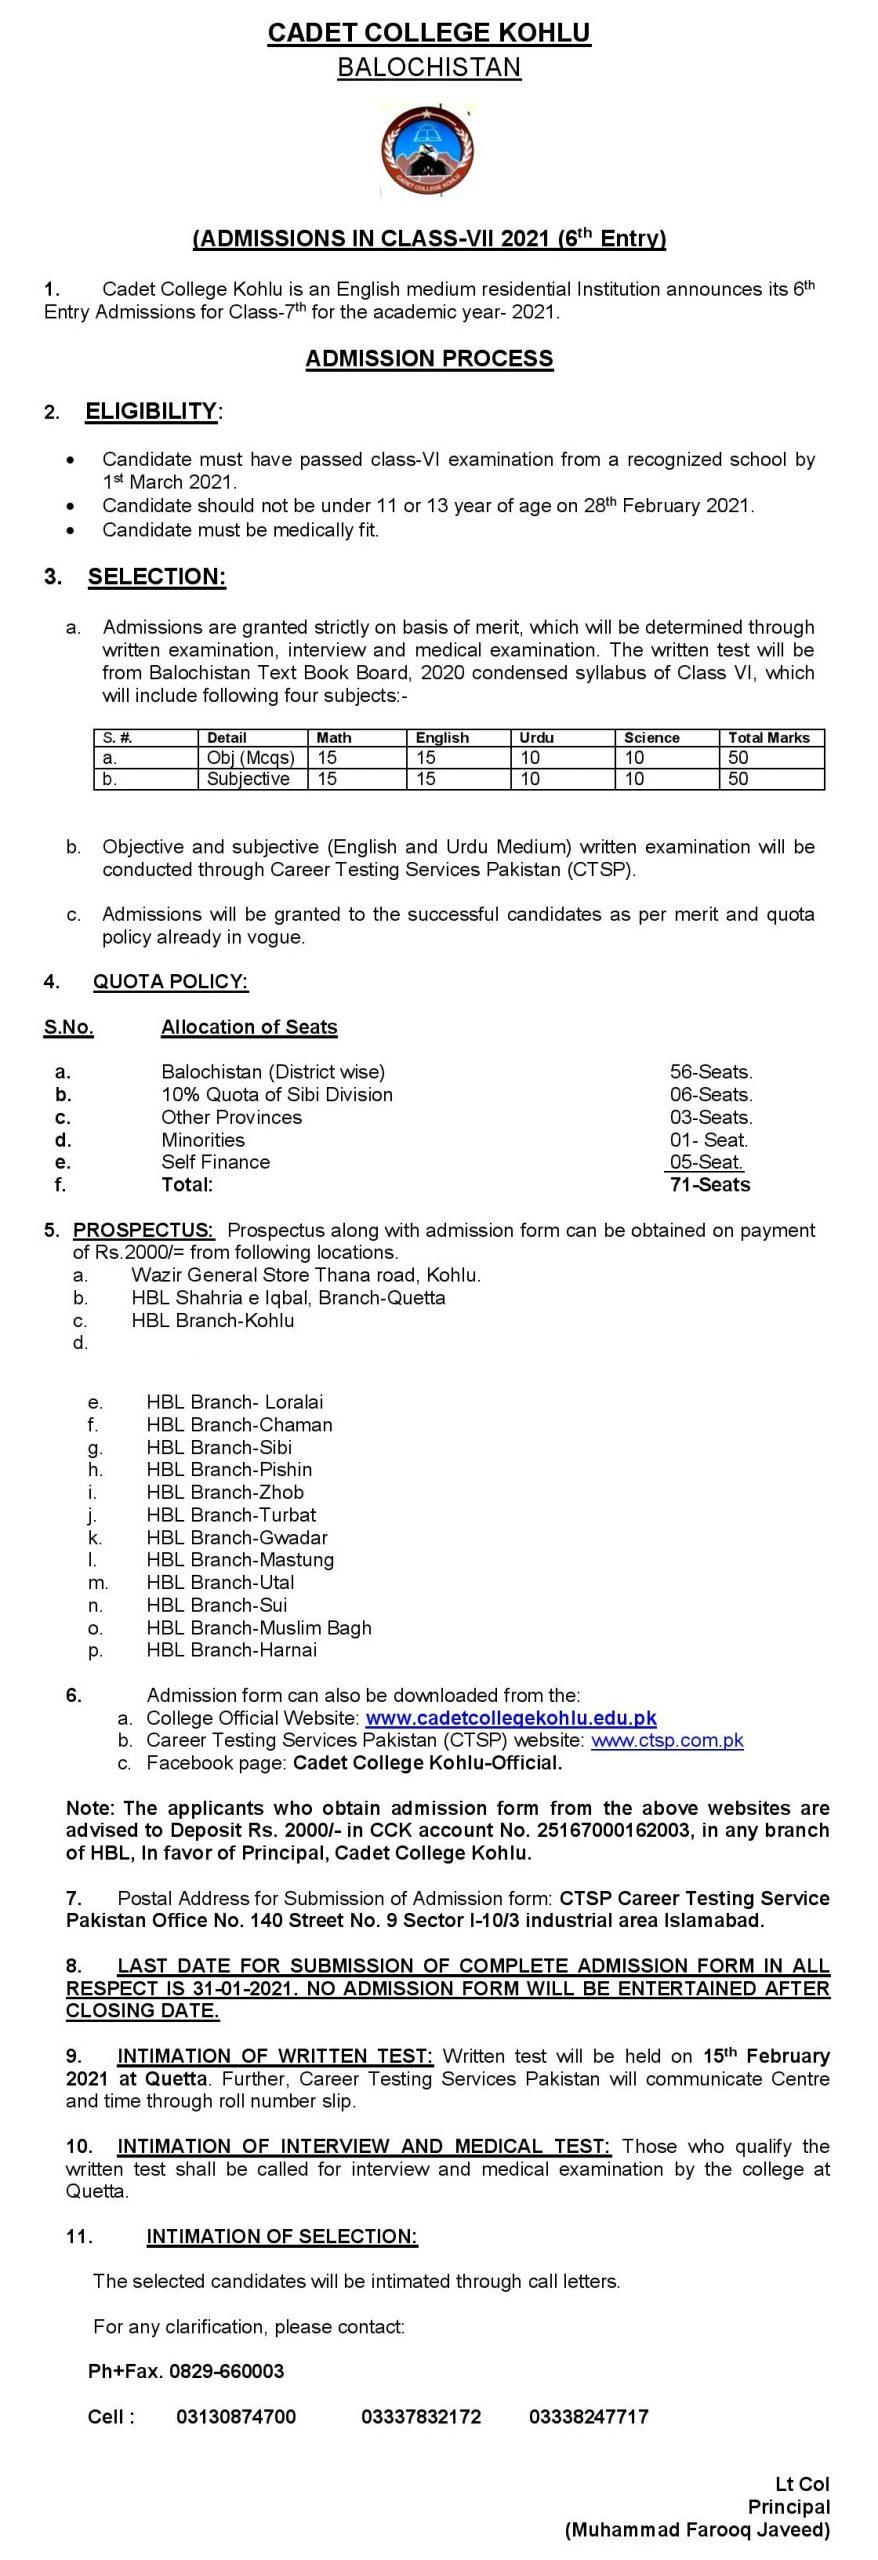 Cadet College Kohlu Admission 2021 Apply Online Roll No Slip Download Online